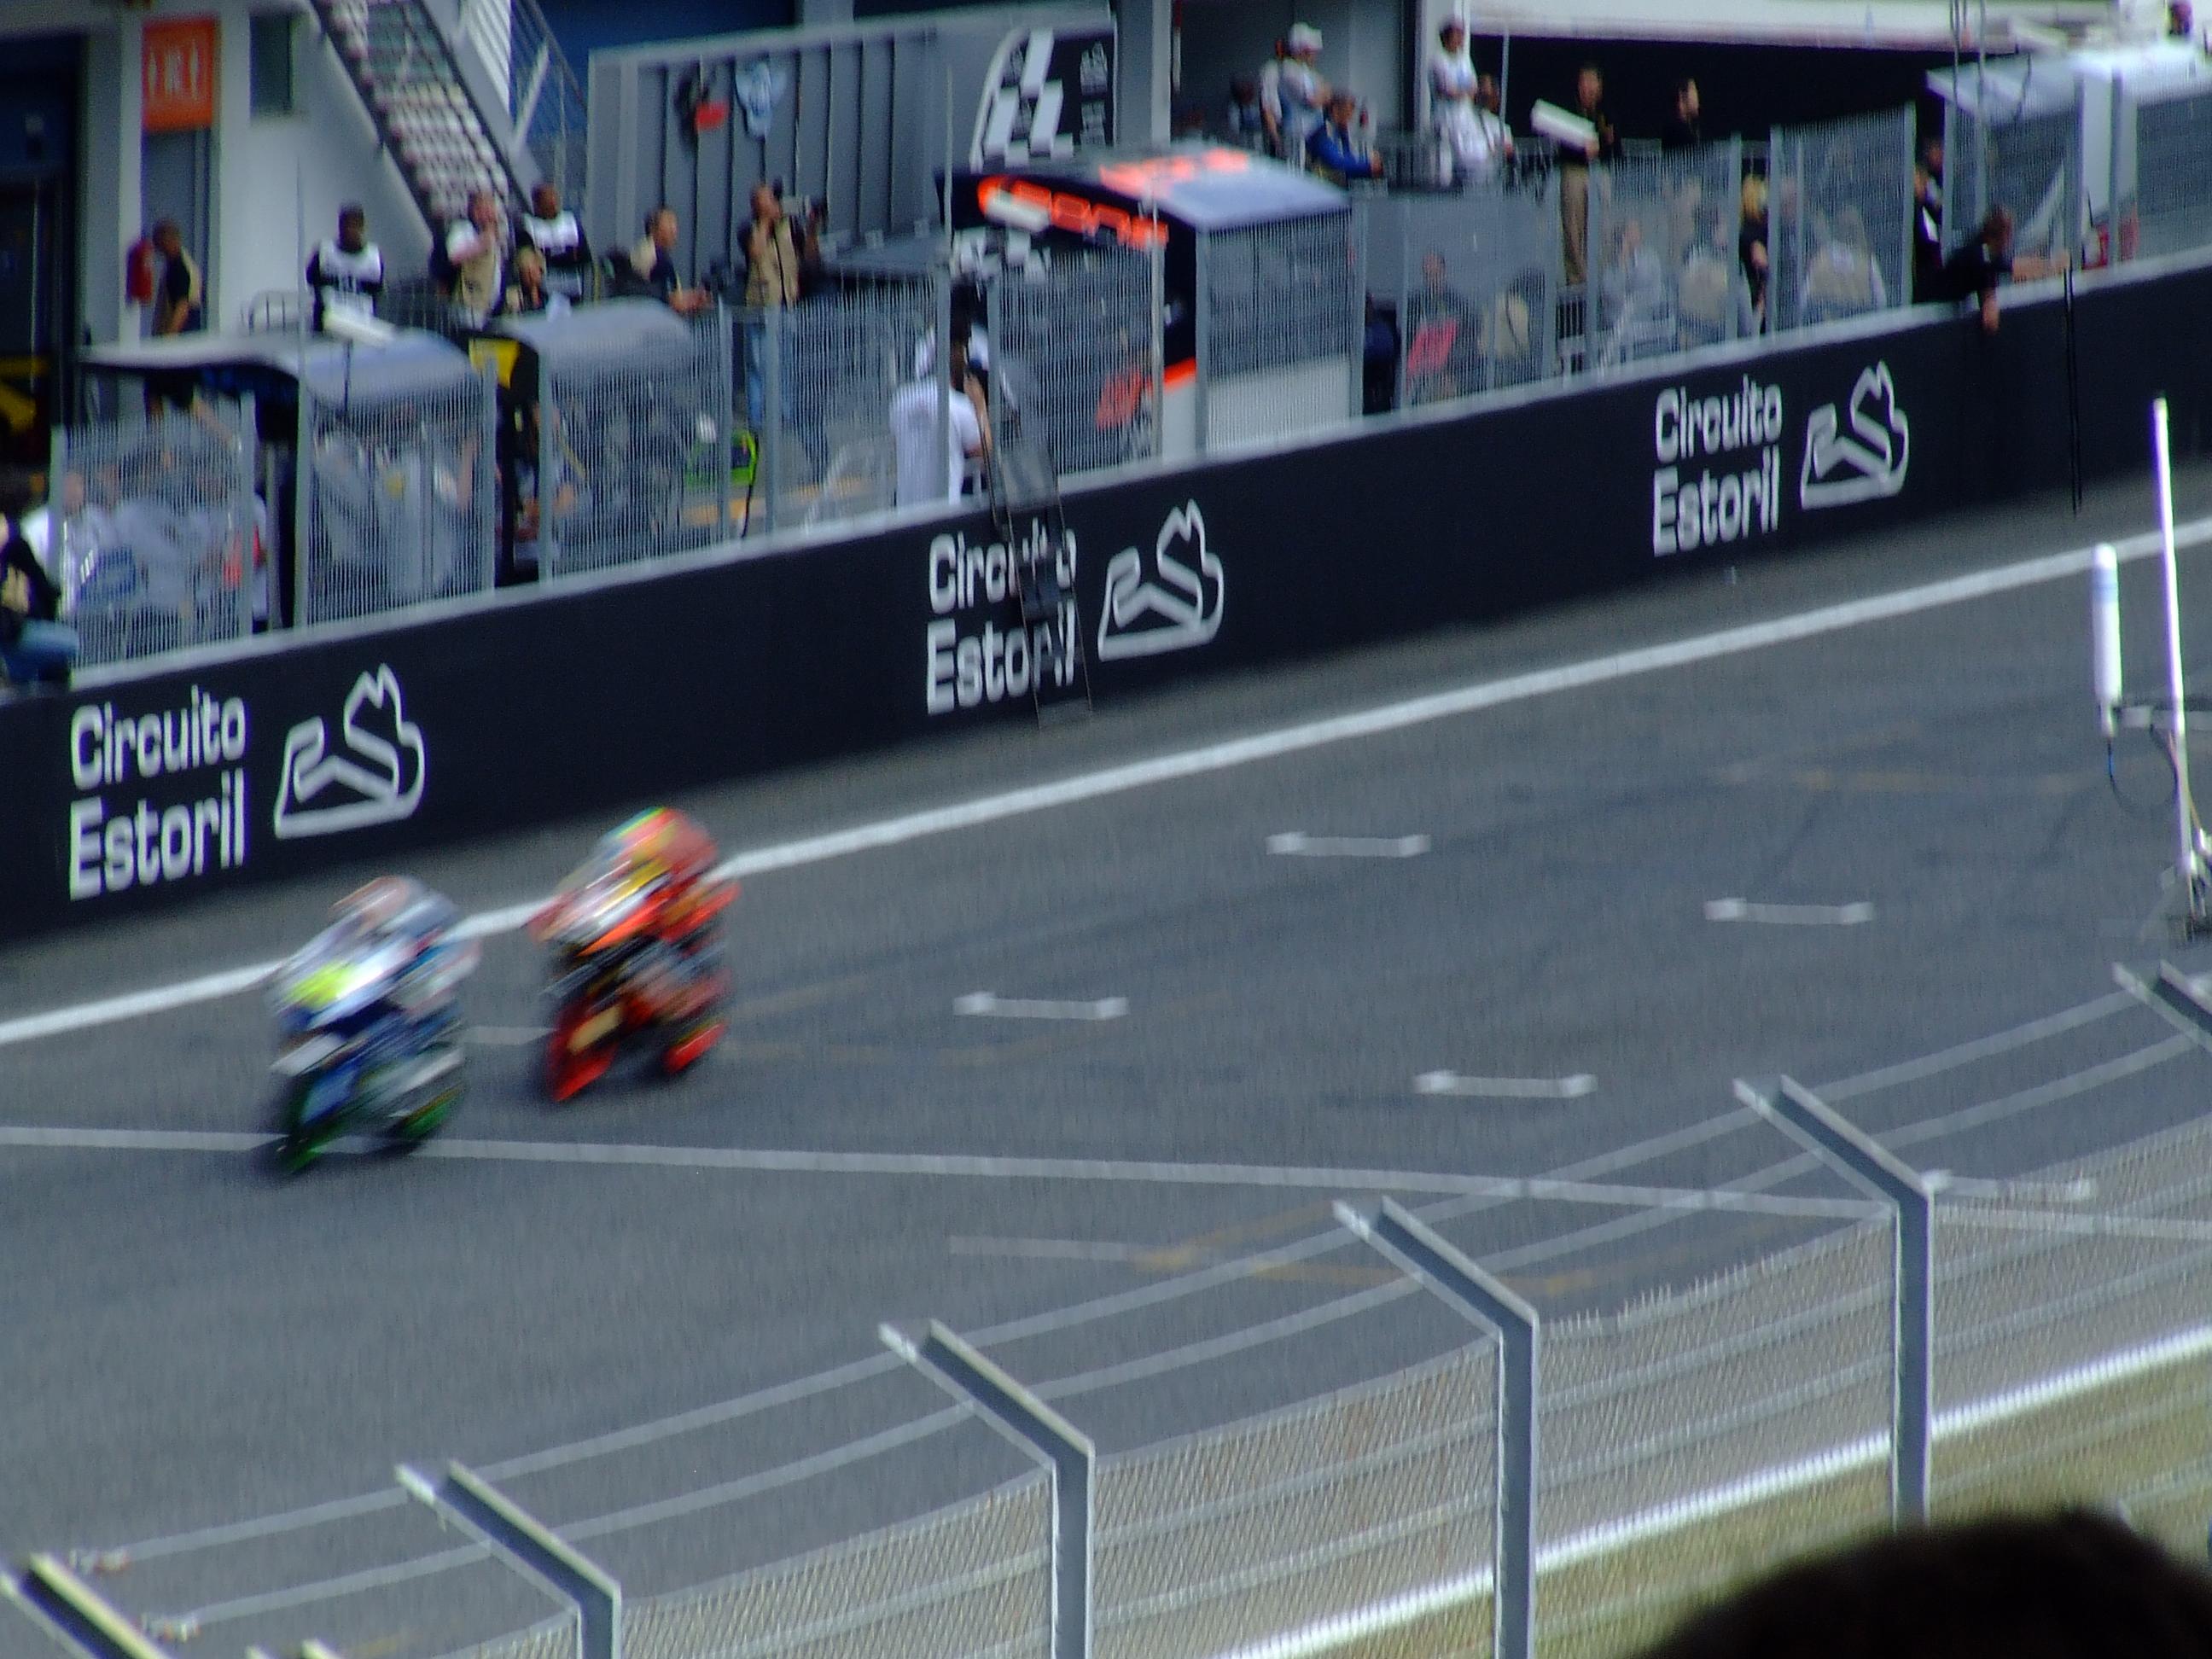 MotoGP! Moto2! Moto3!